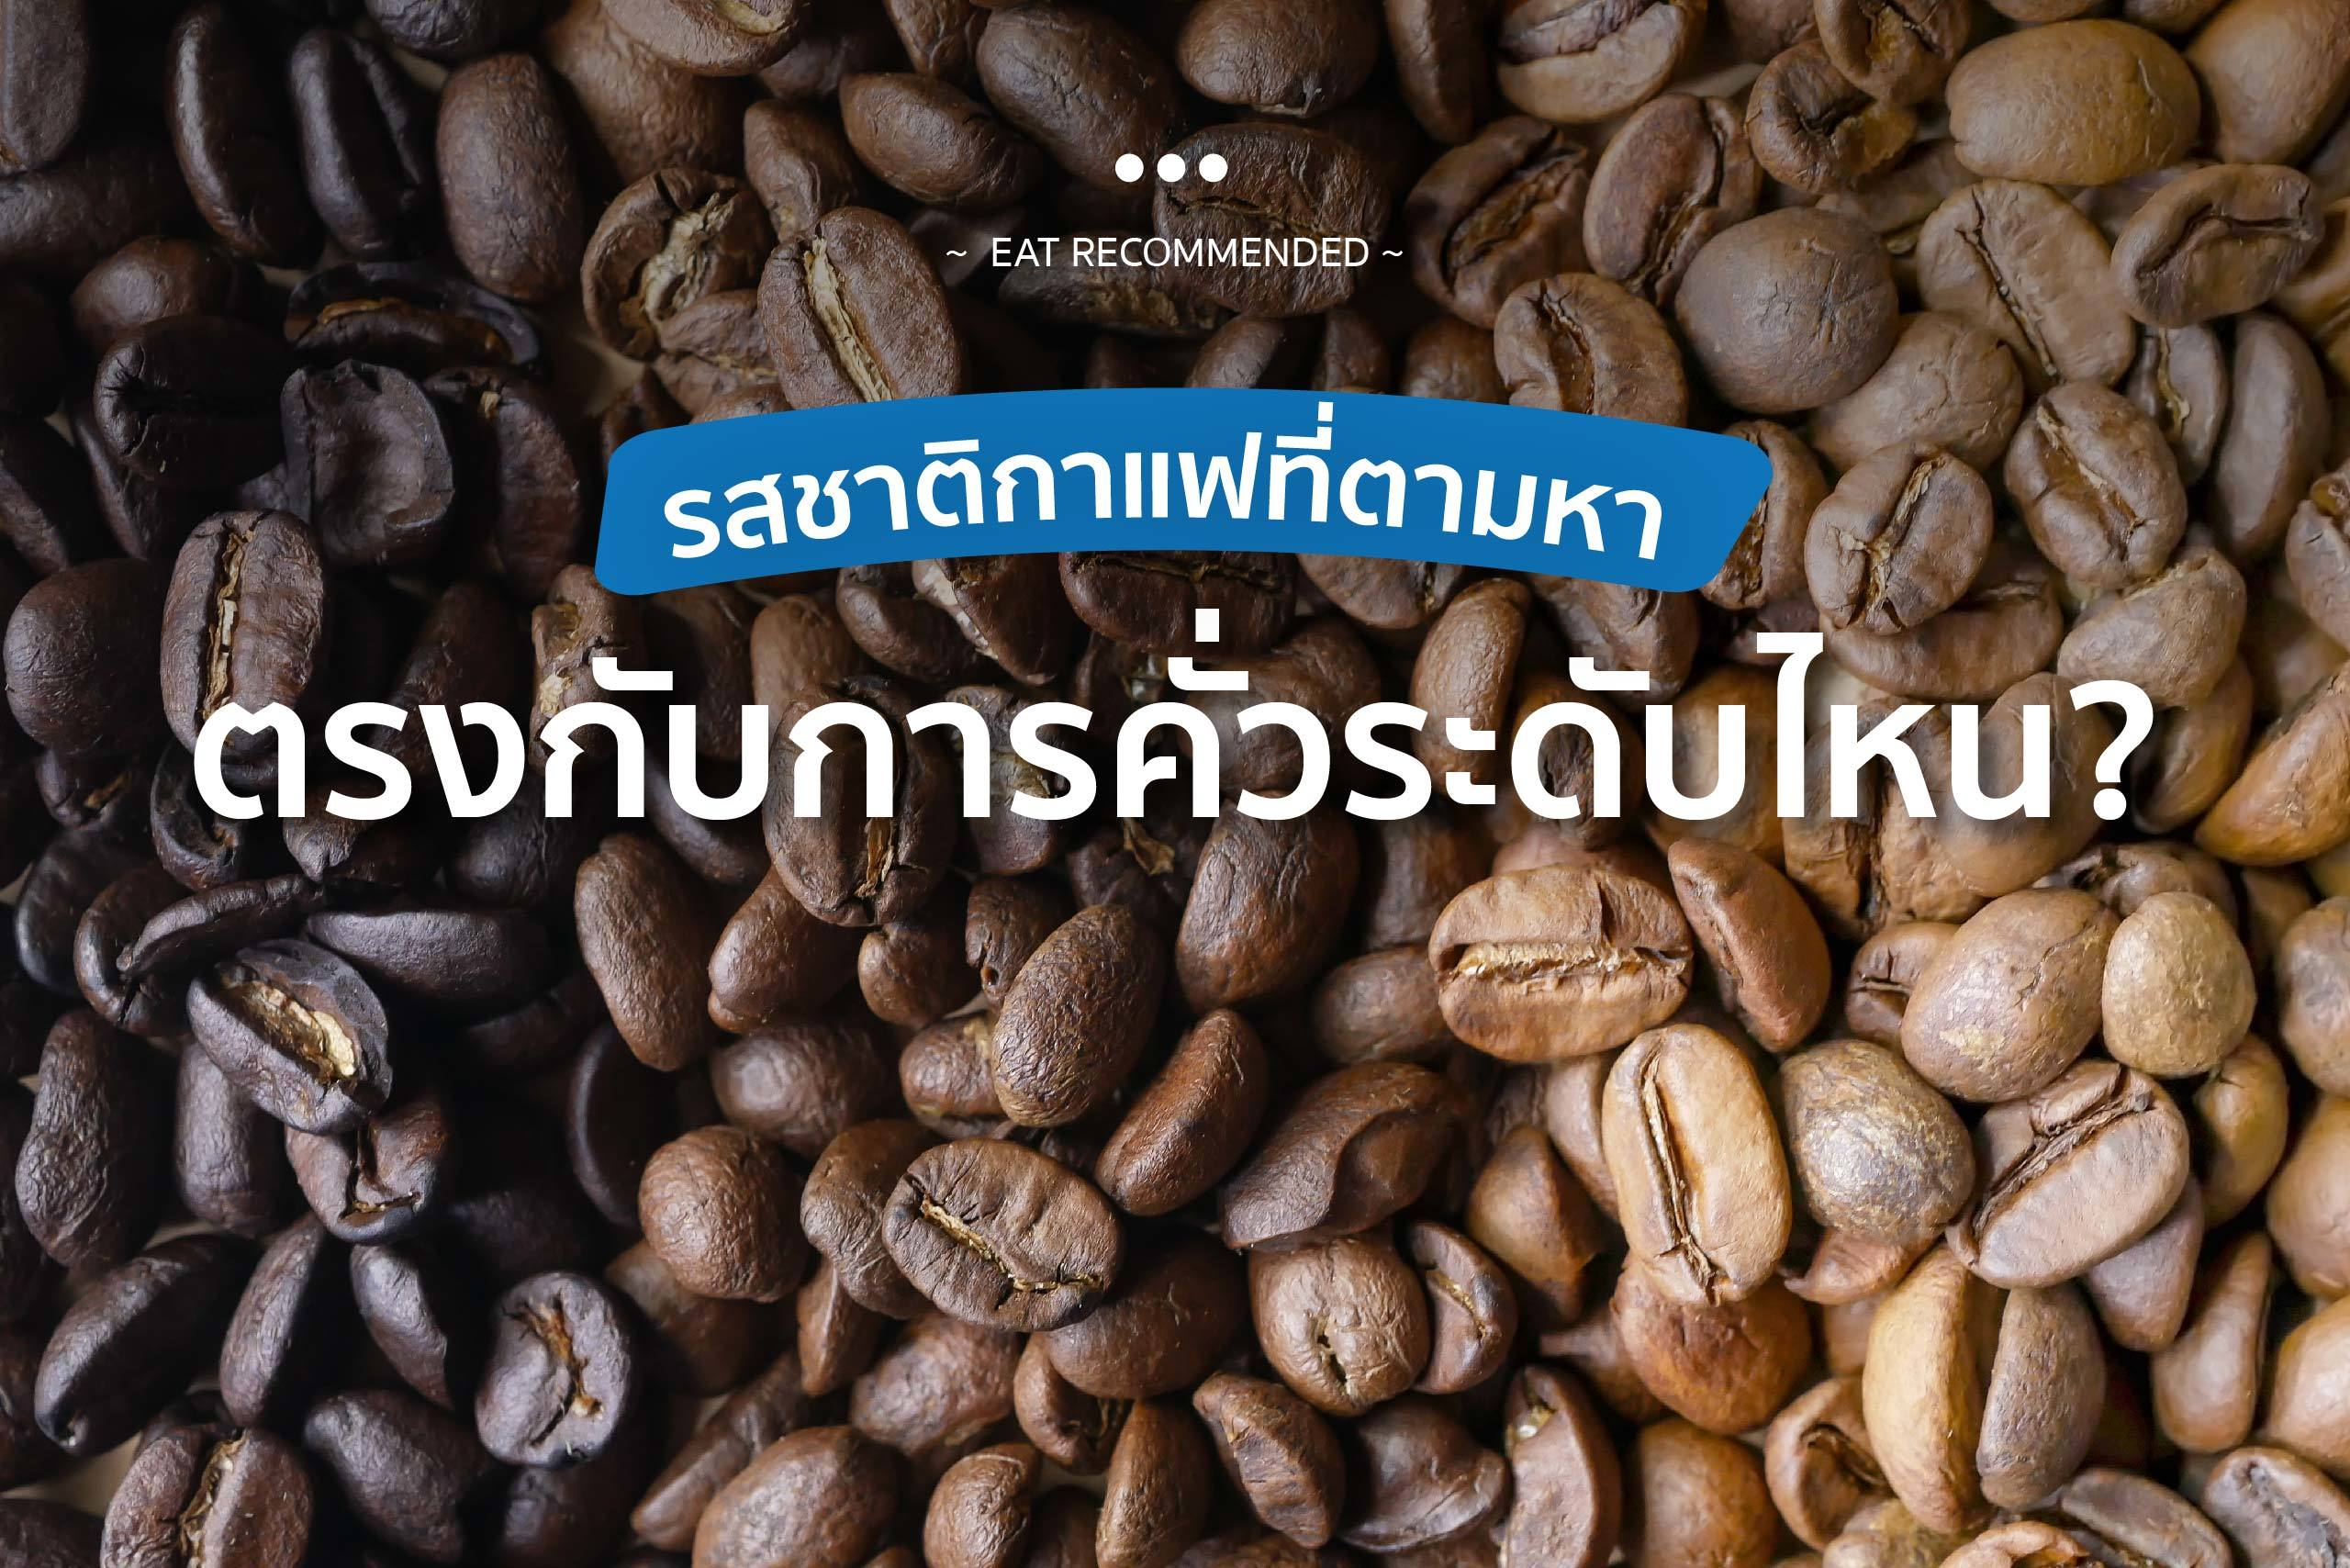 รสชาติกาแฟที่ตามหา ตรงกับการคั่วระดับไหน ปกweb